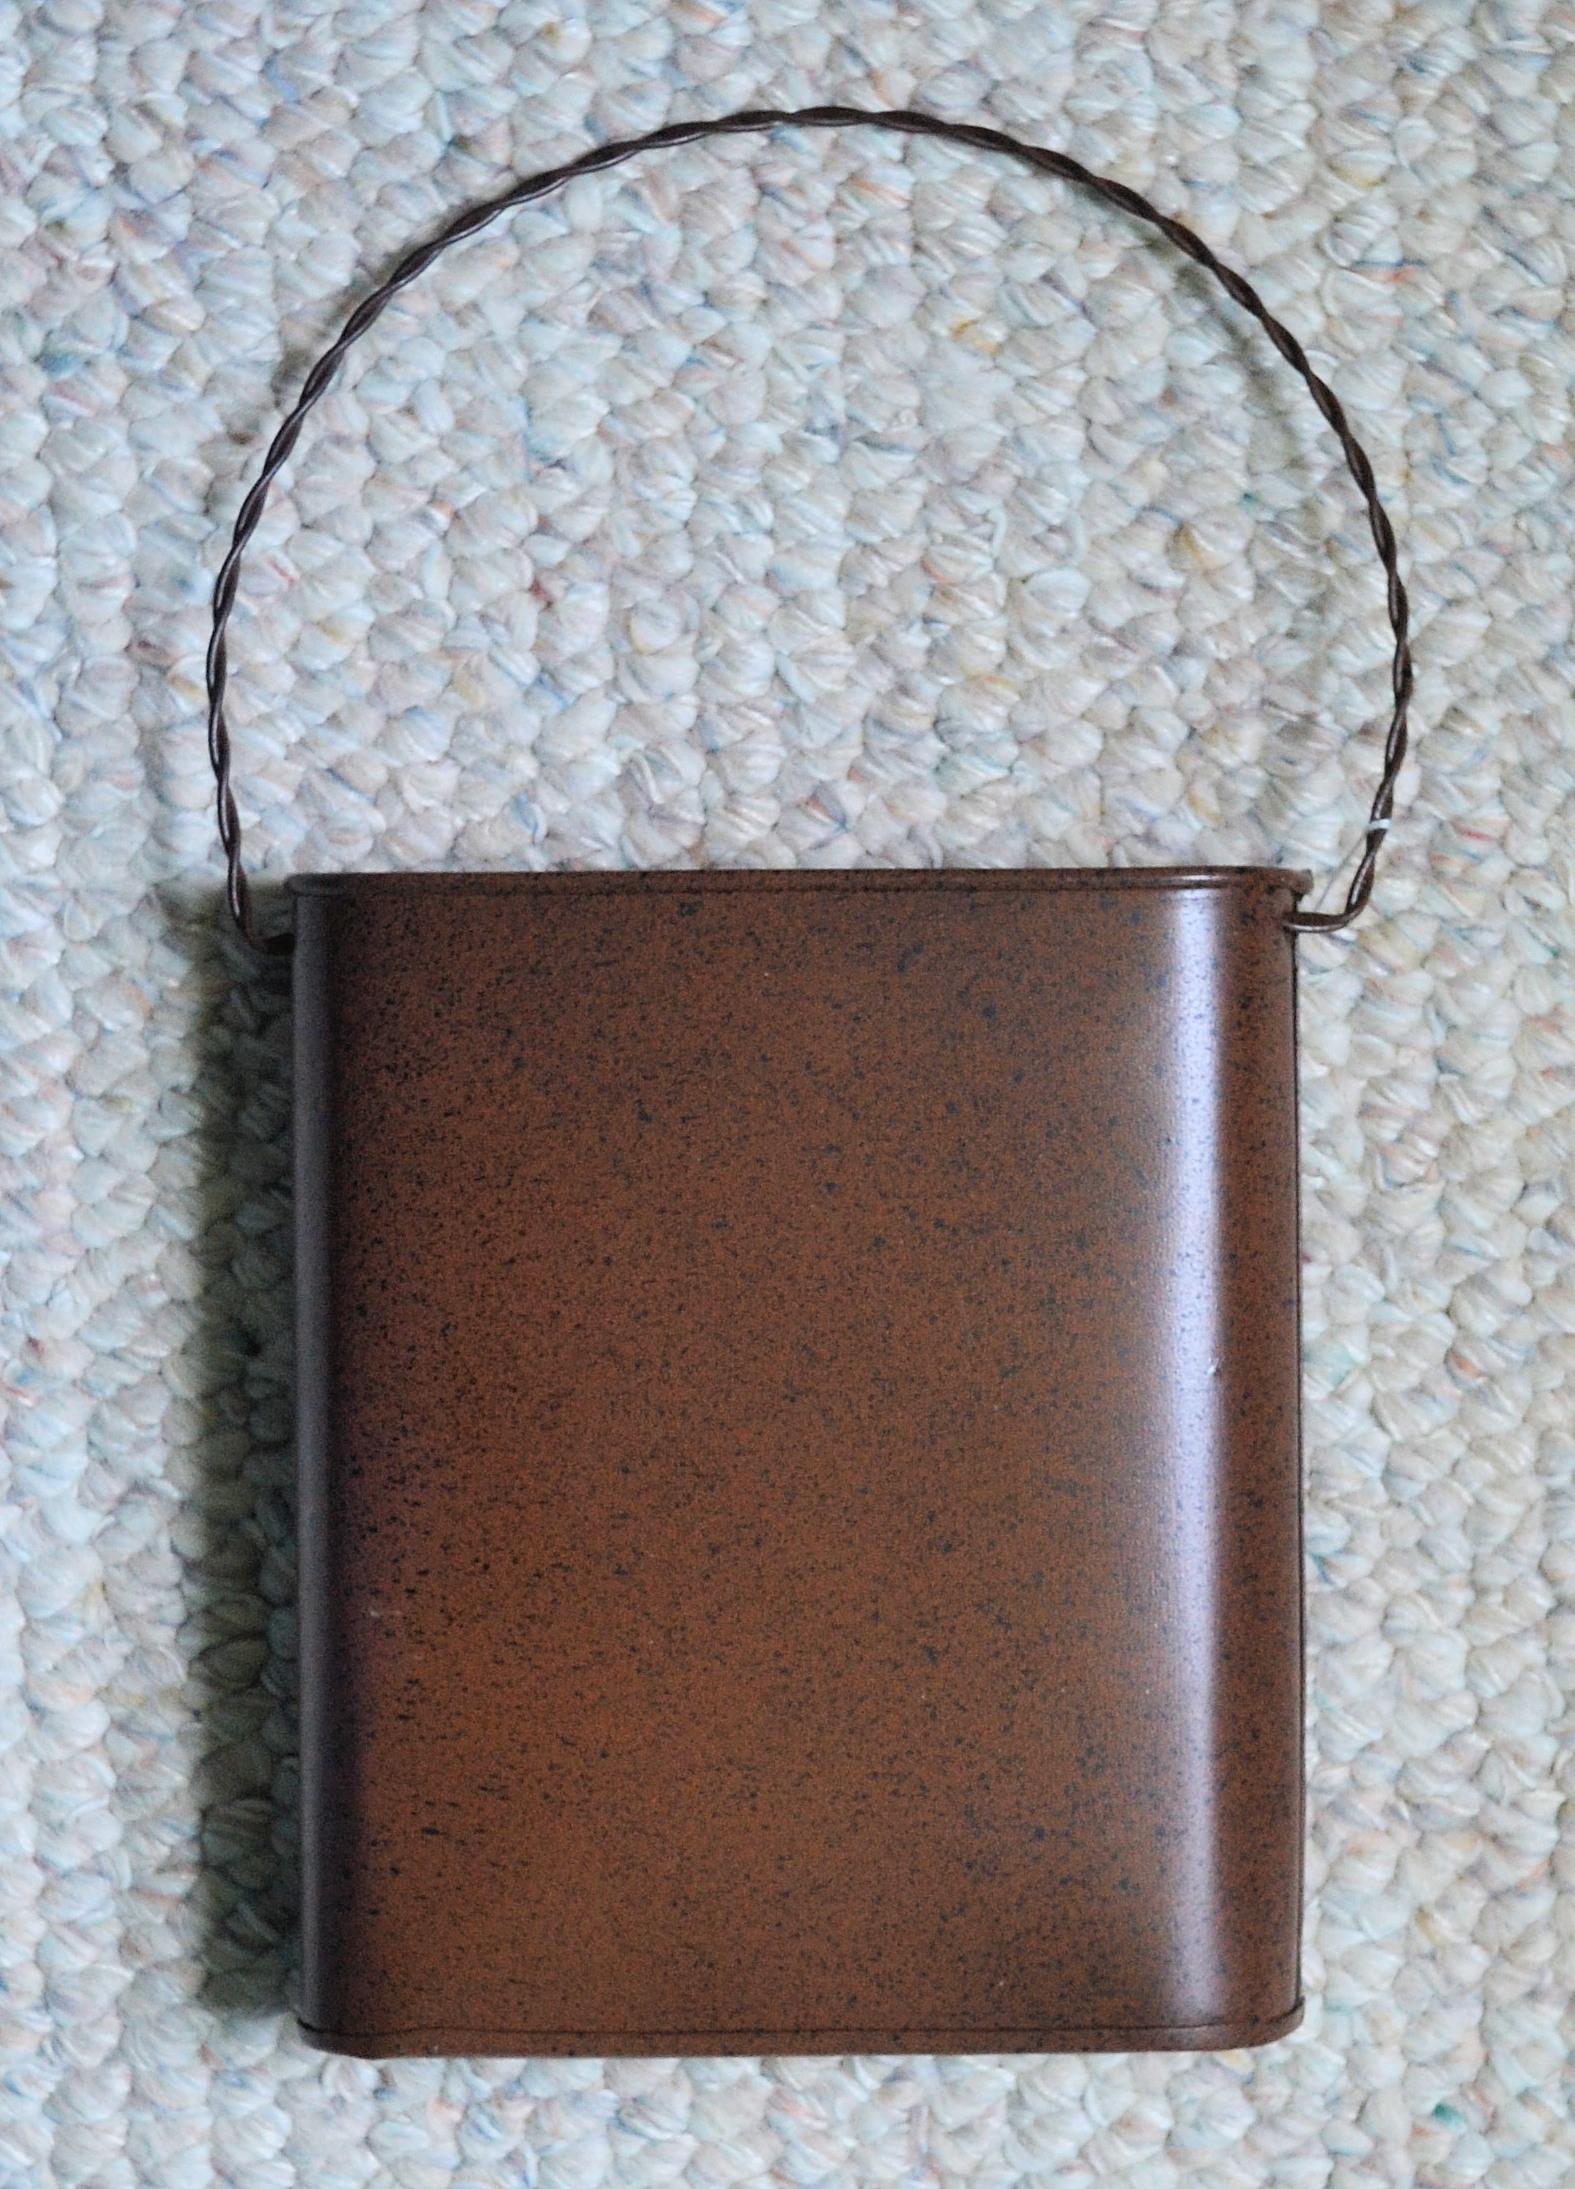 metal-card-pocket-7x6x2-15t058.jpg